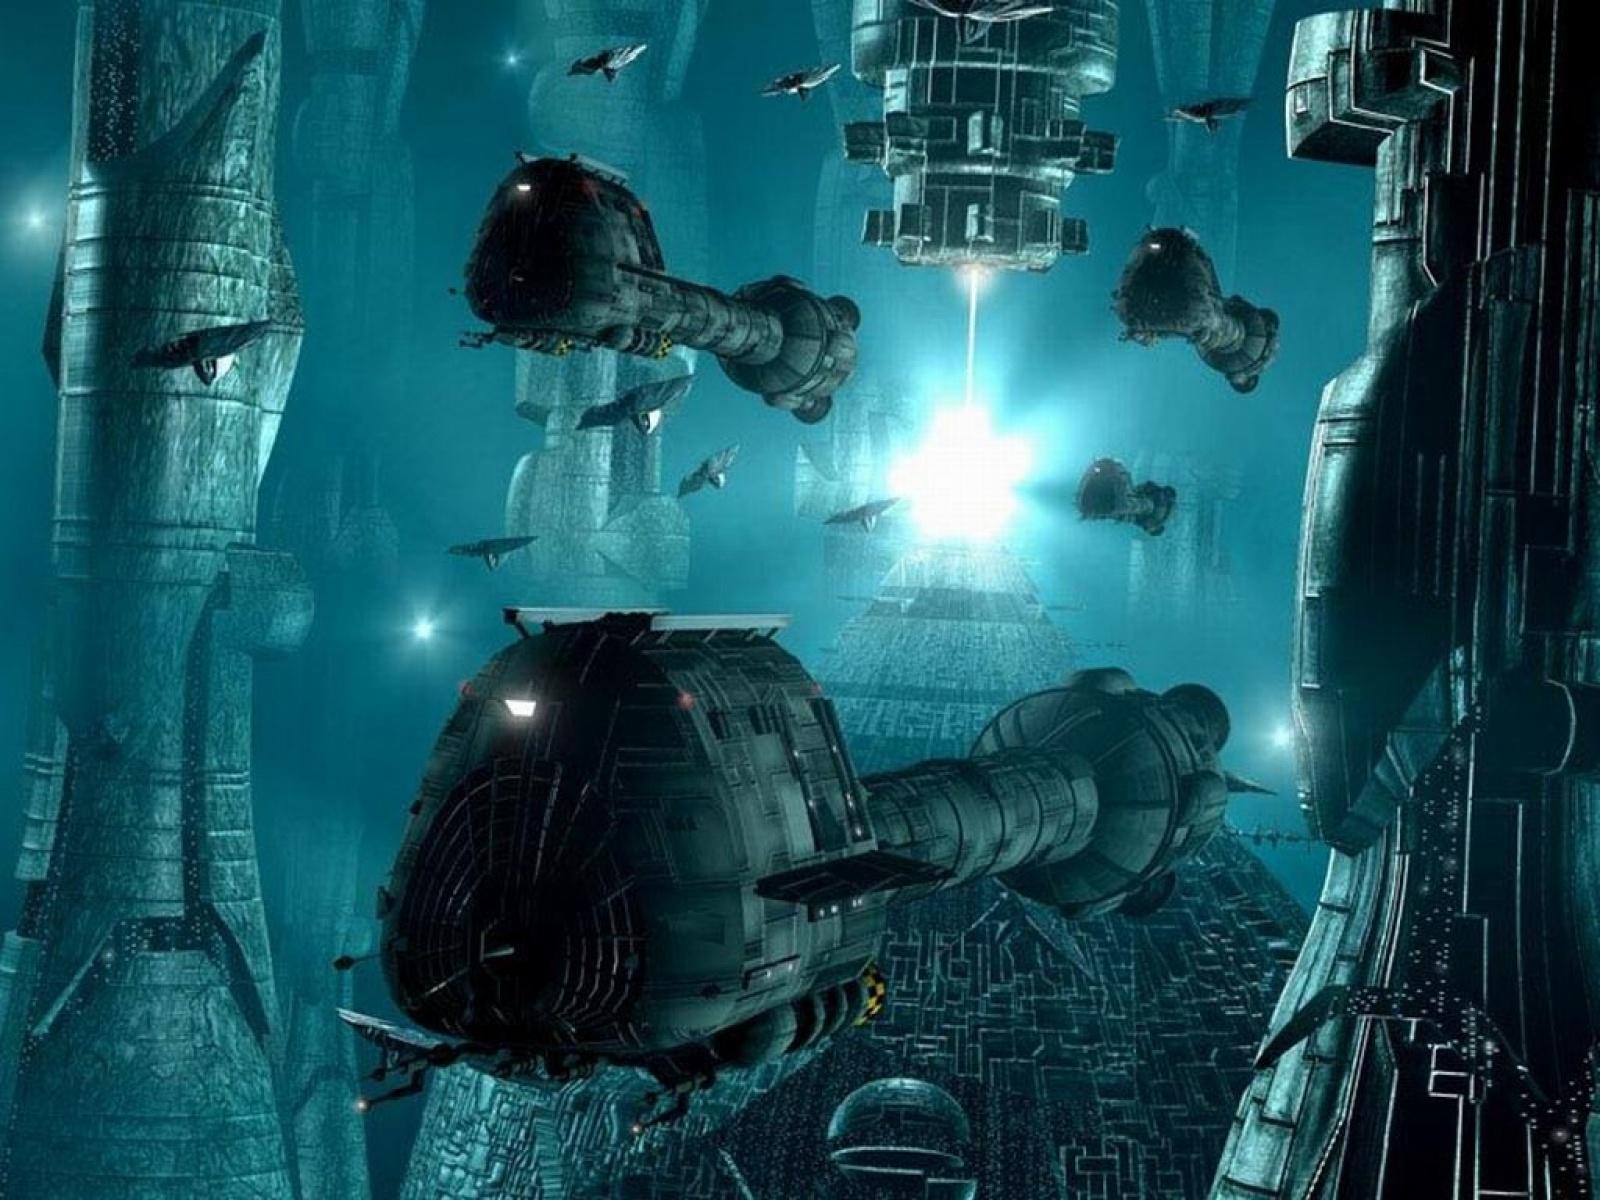 space war wallpaper - wallpapersafari